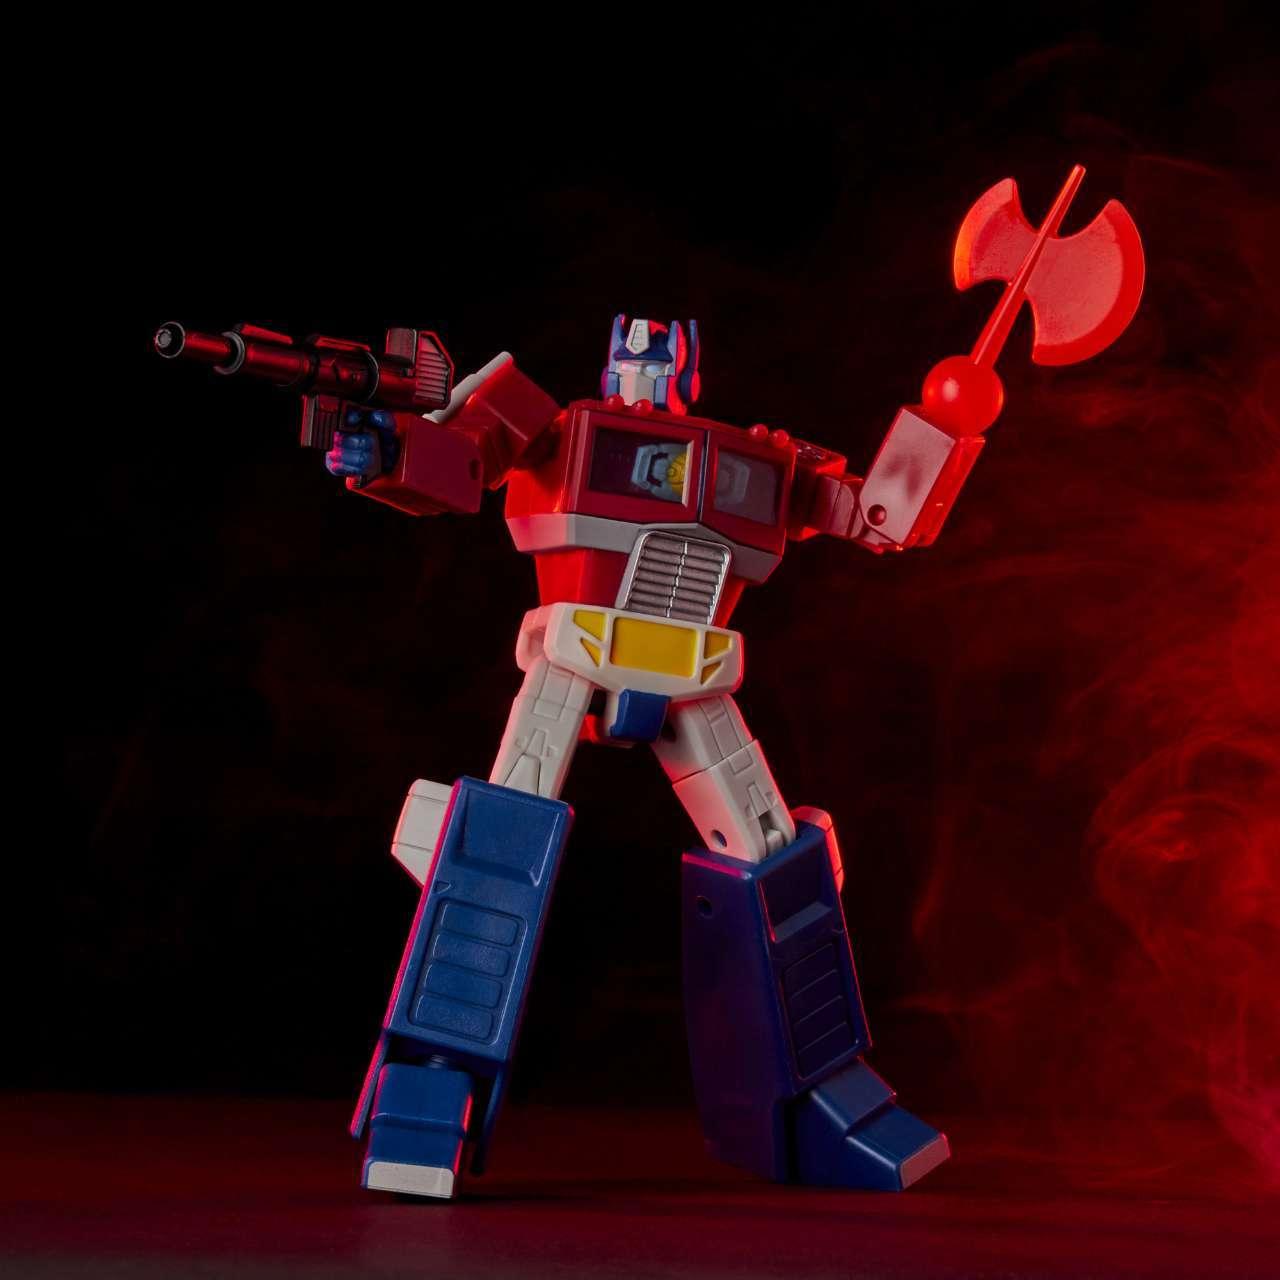 transformers-red02659eb9-e5cd-4940-b211-2aa88c9080f0c1b284a0d525c999c71d33d2e6a0359f